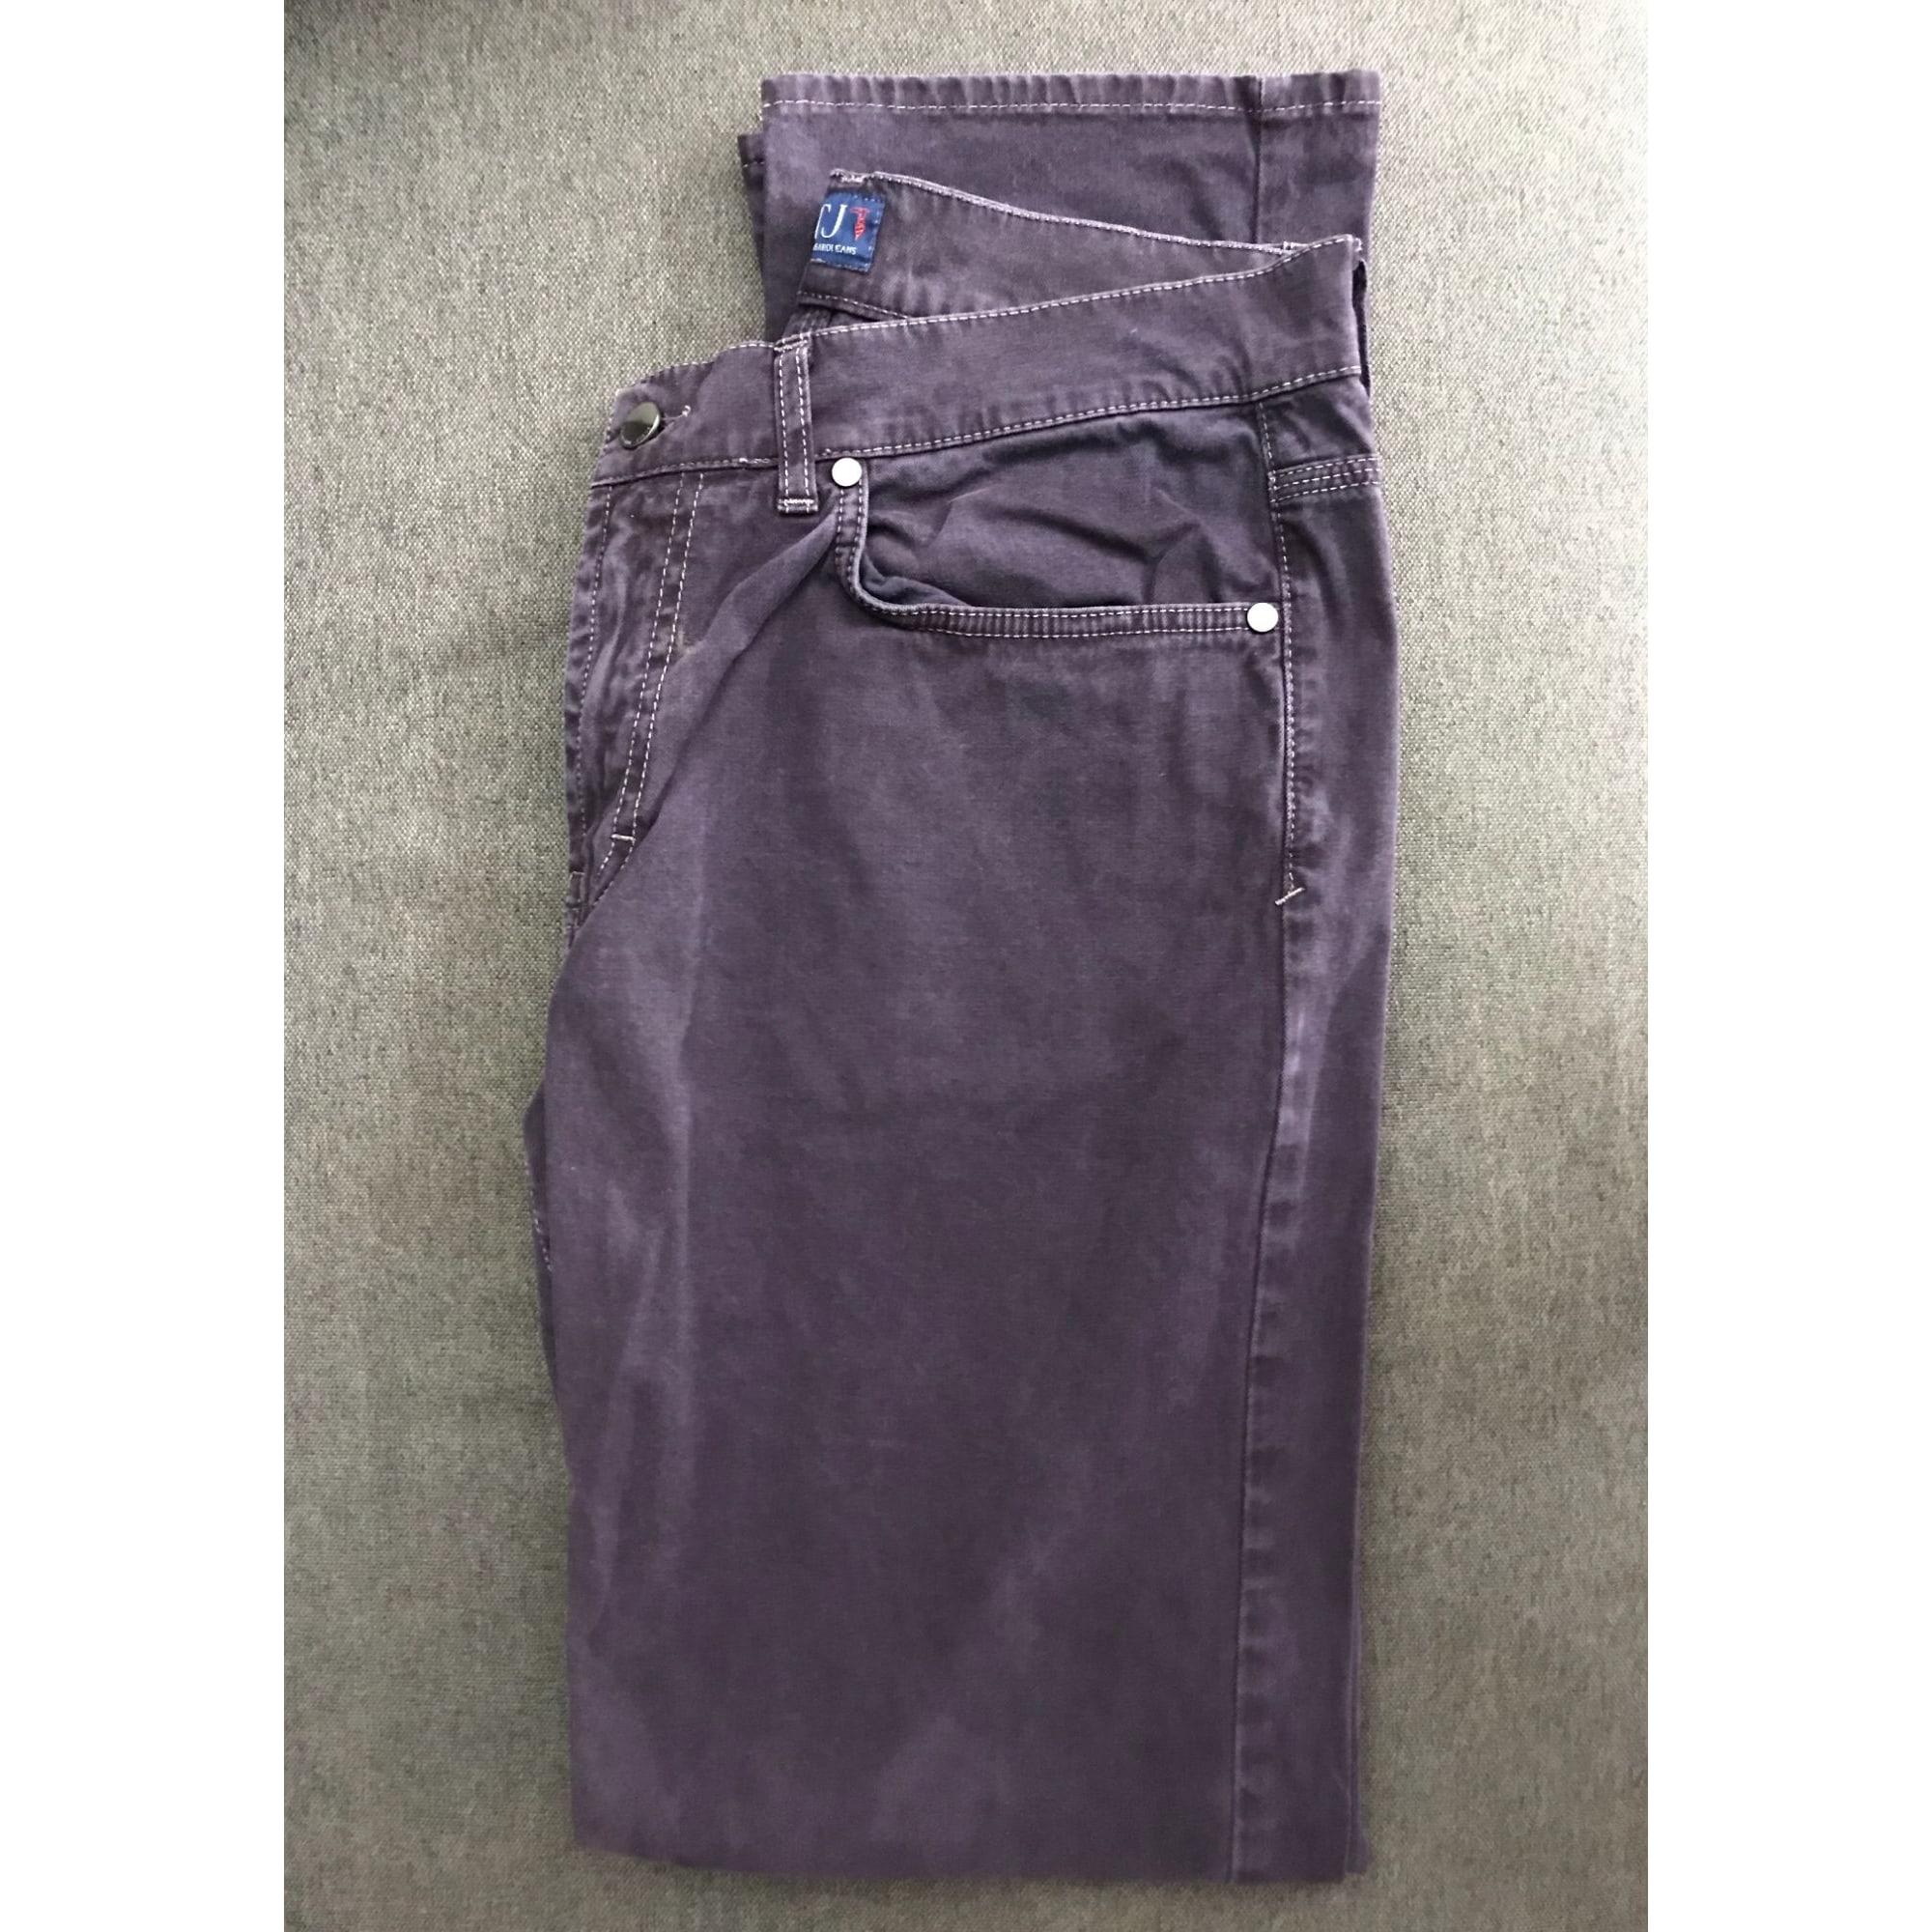 Pantalon droit TRUSSARDI JEANS Violet, mauve, lavande